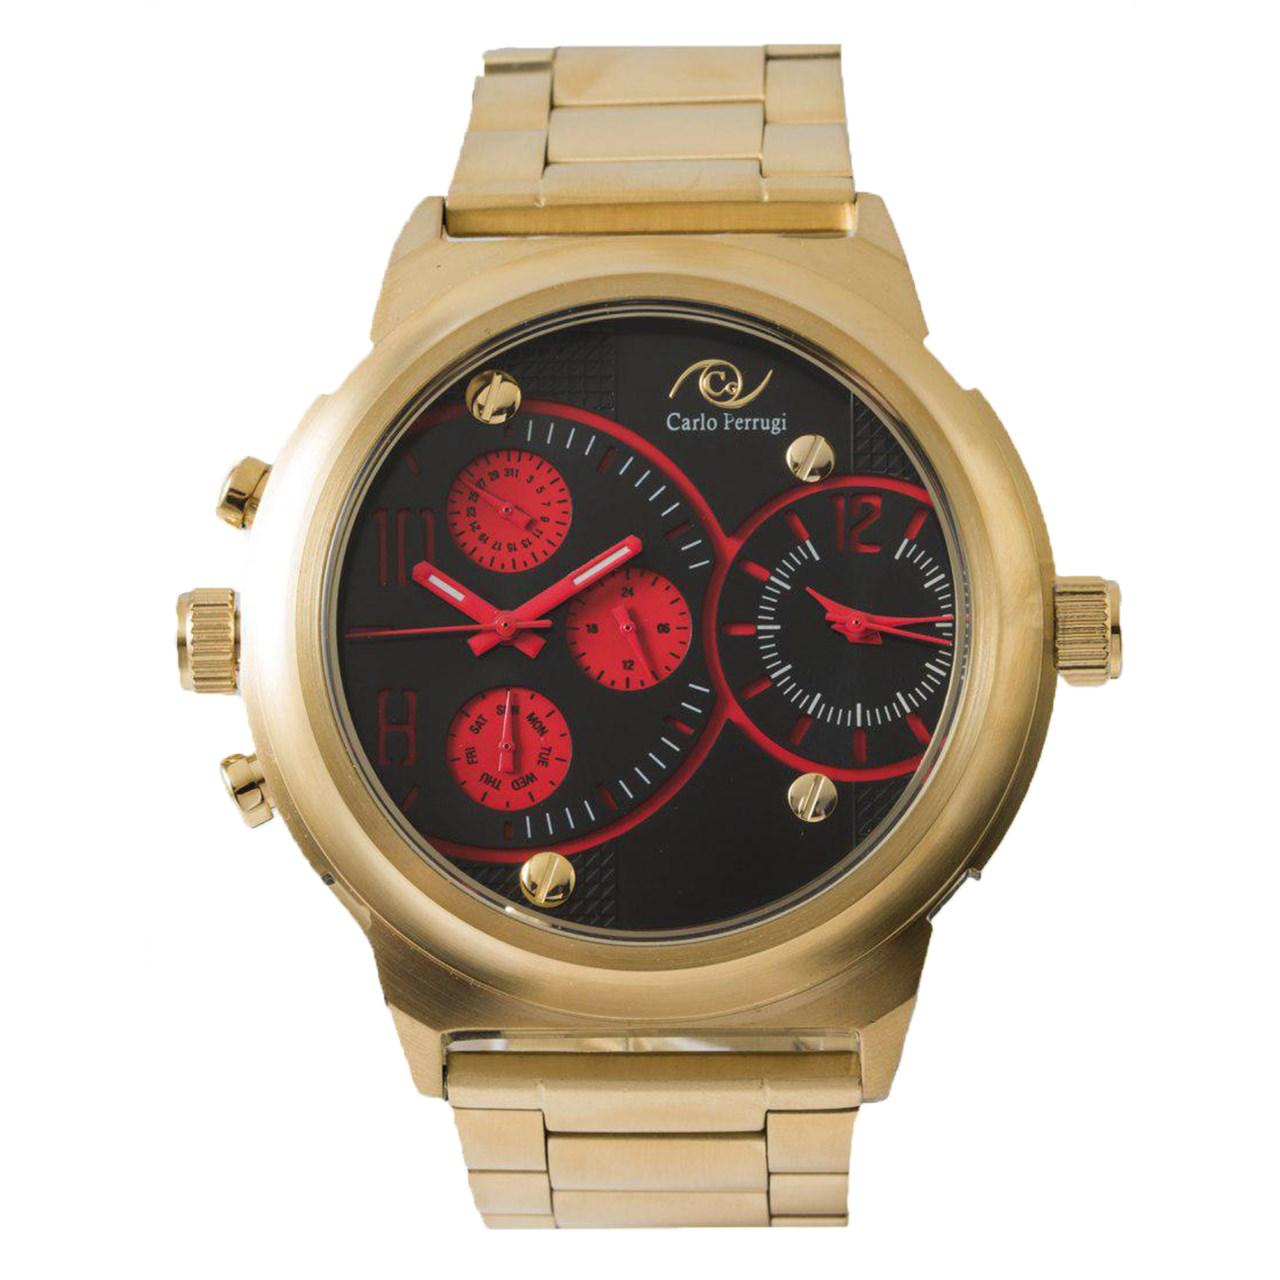 ساعت مچی عقربه ای مردانه کارلو پروجی مدل S121 48